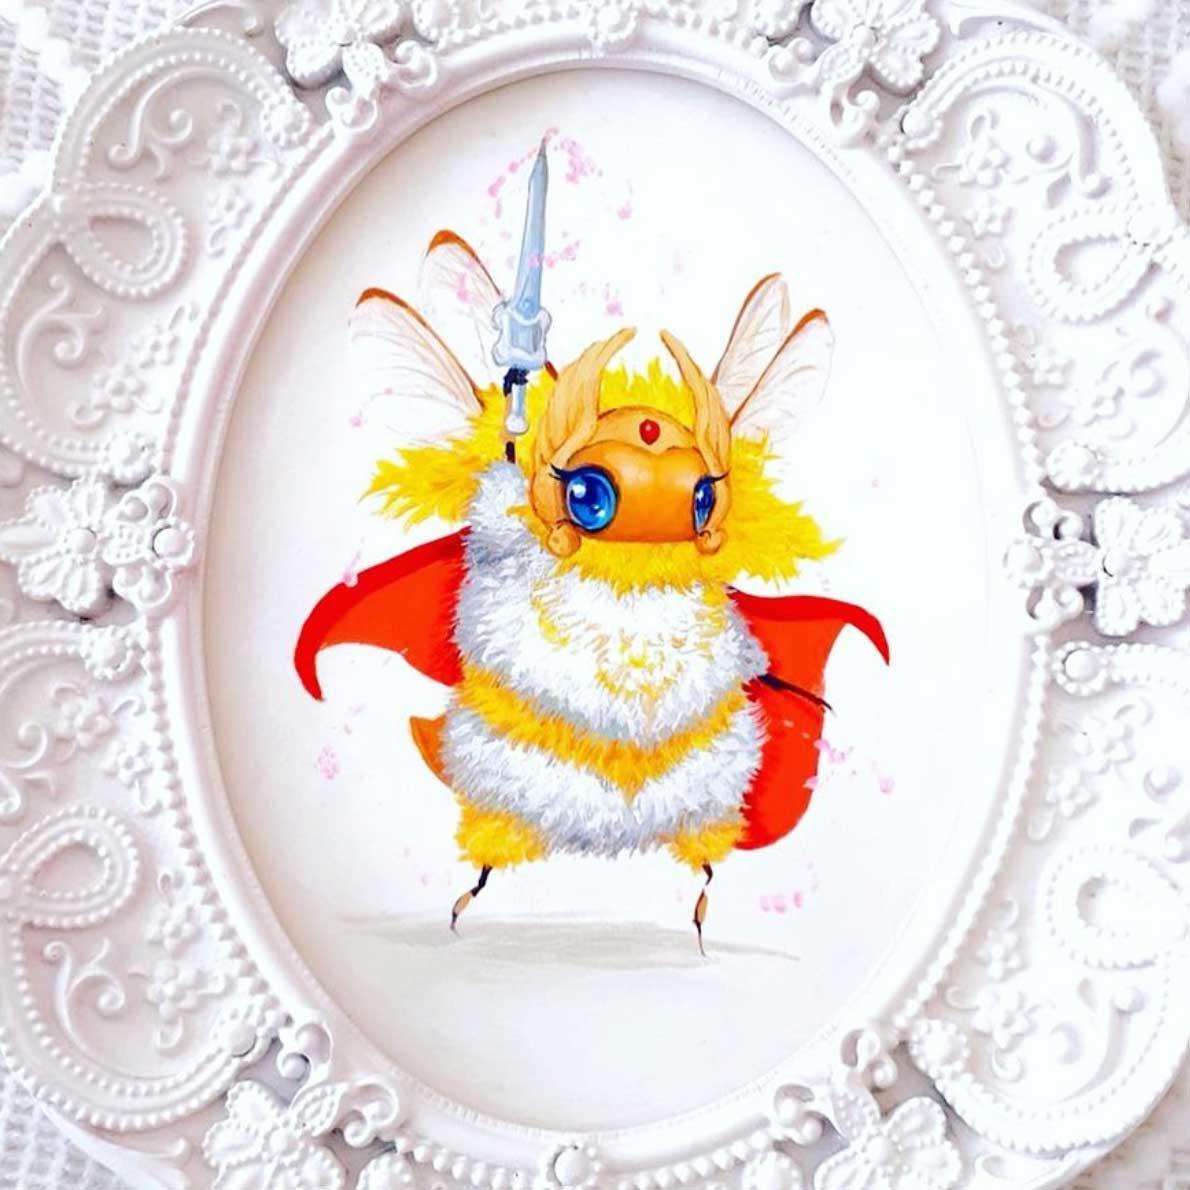 Als Bienen gemalte Popkulturfiguren popkulturbienen-von-Camilla-dErrico_08